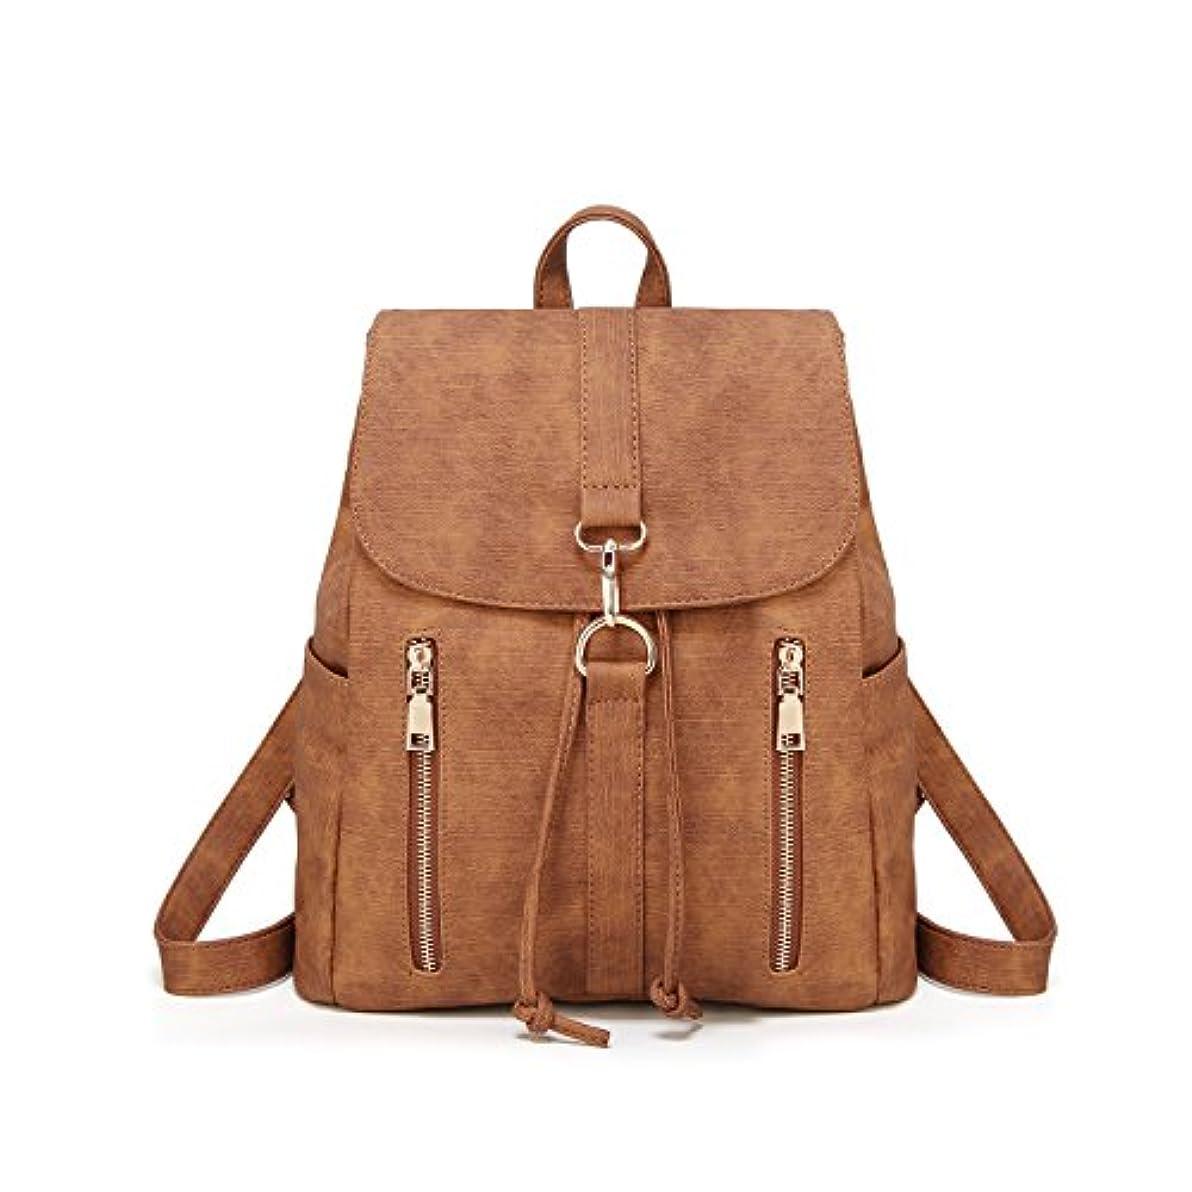 サイレントフォアマンピルTisdaini レディースリュックサックおしゃれ旅行リュックオックス生地防水学生かばん女性用バッグ財布